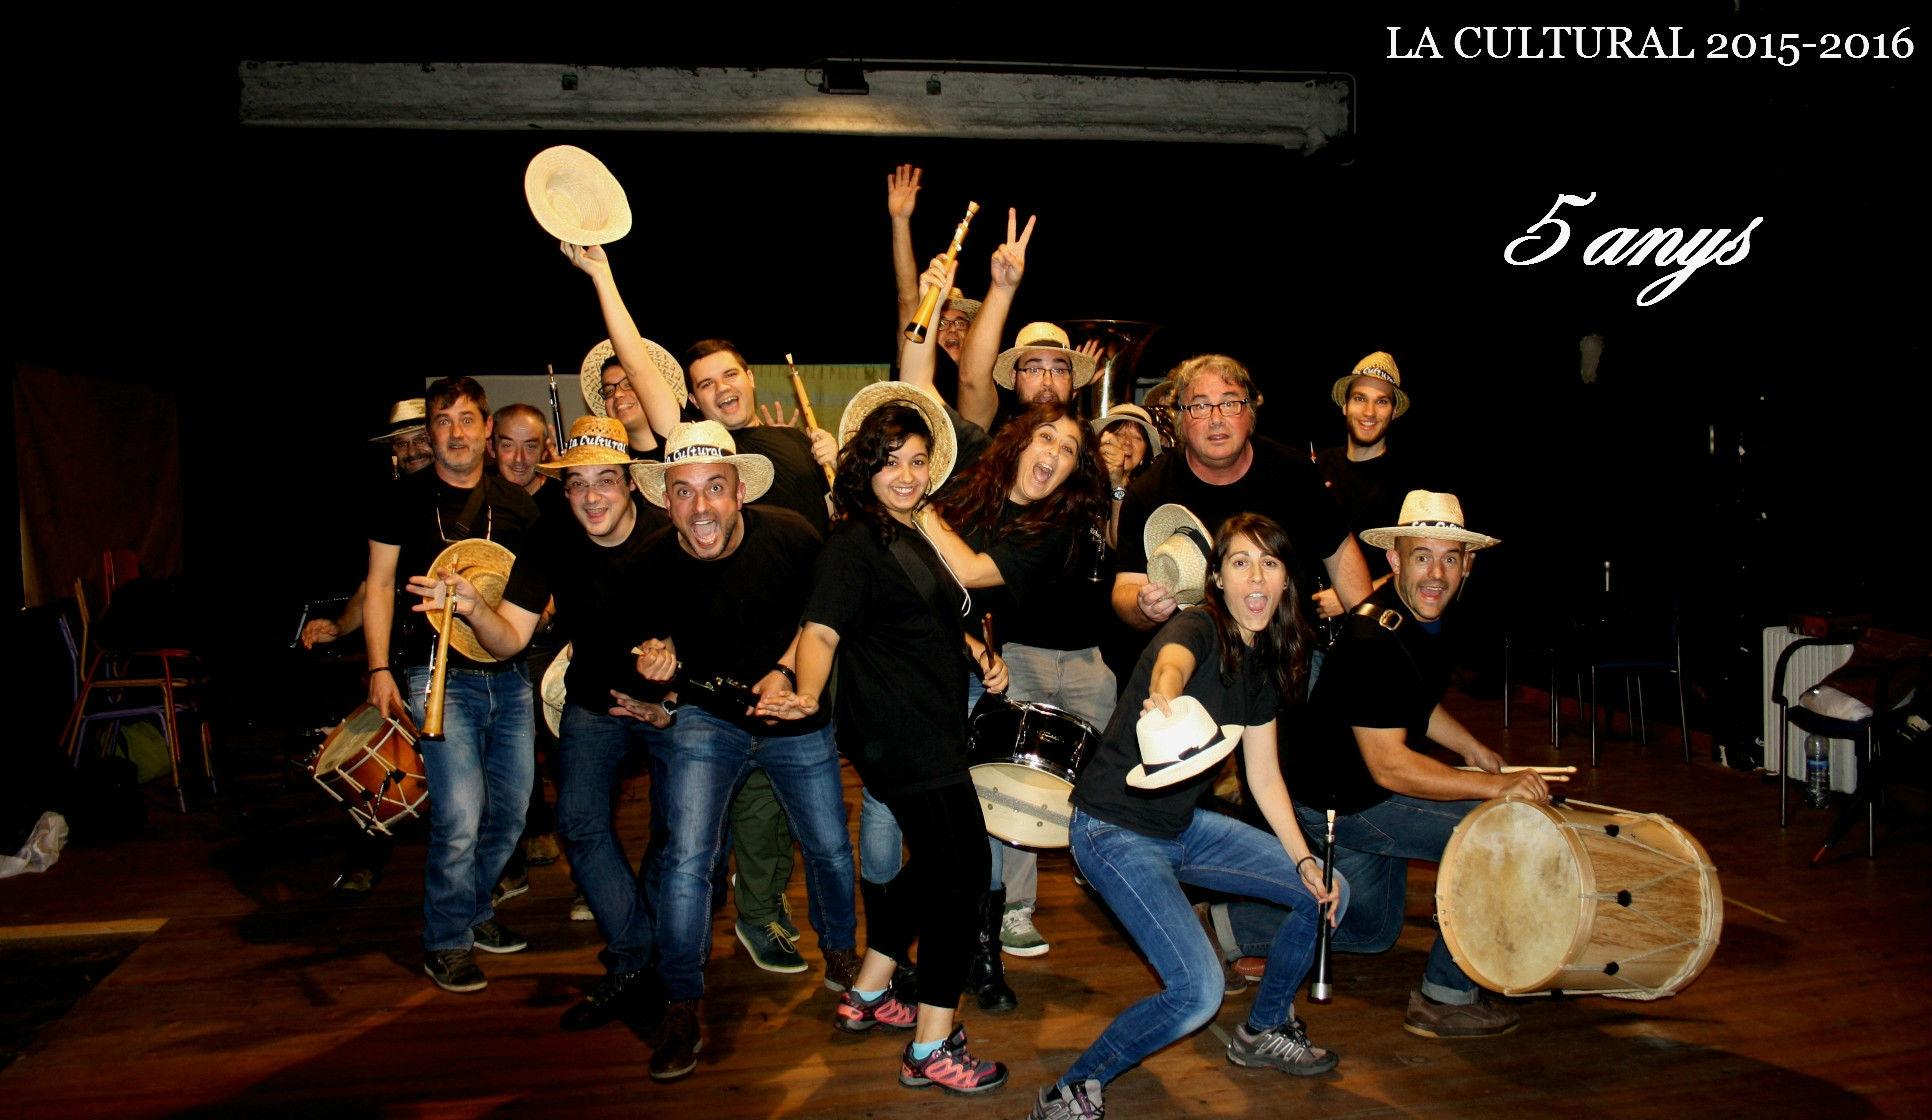 La Cultural està formada per 14 músics, dirigits per Enric Montsant